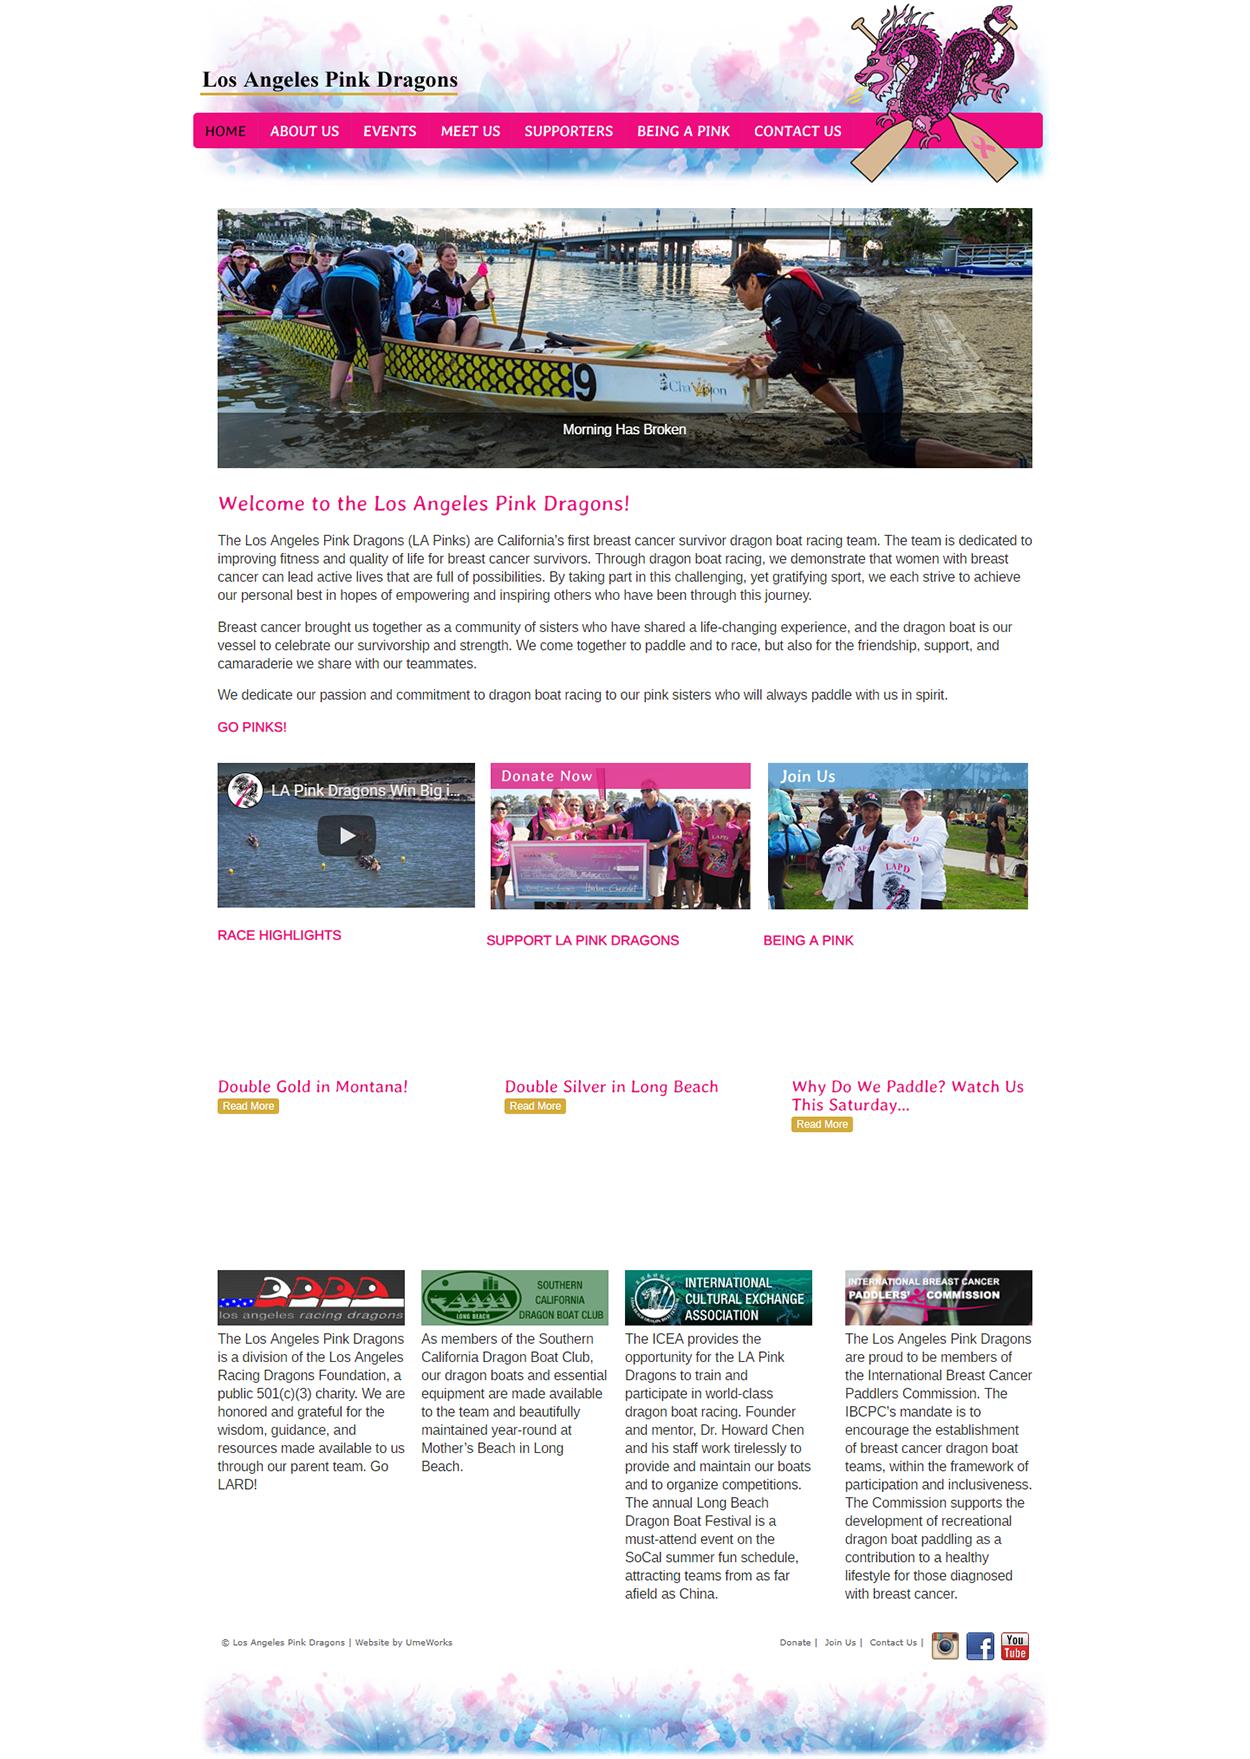 website design for LA Pink Dragons